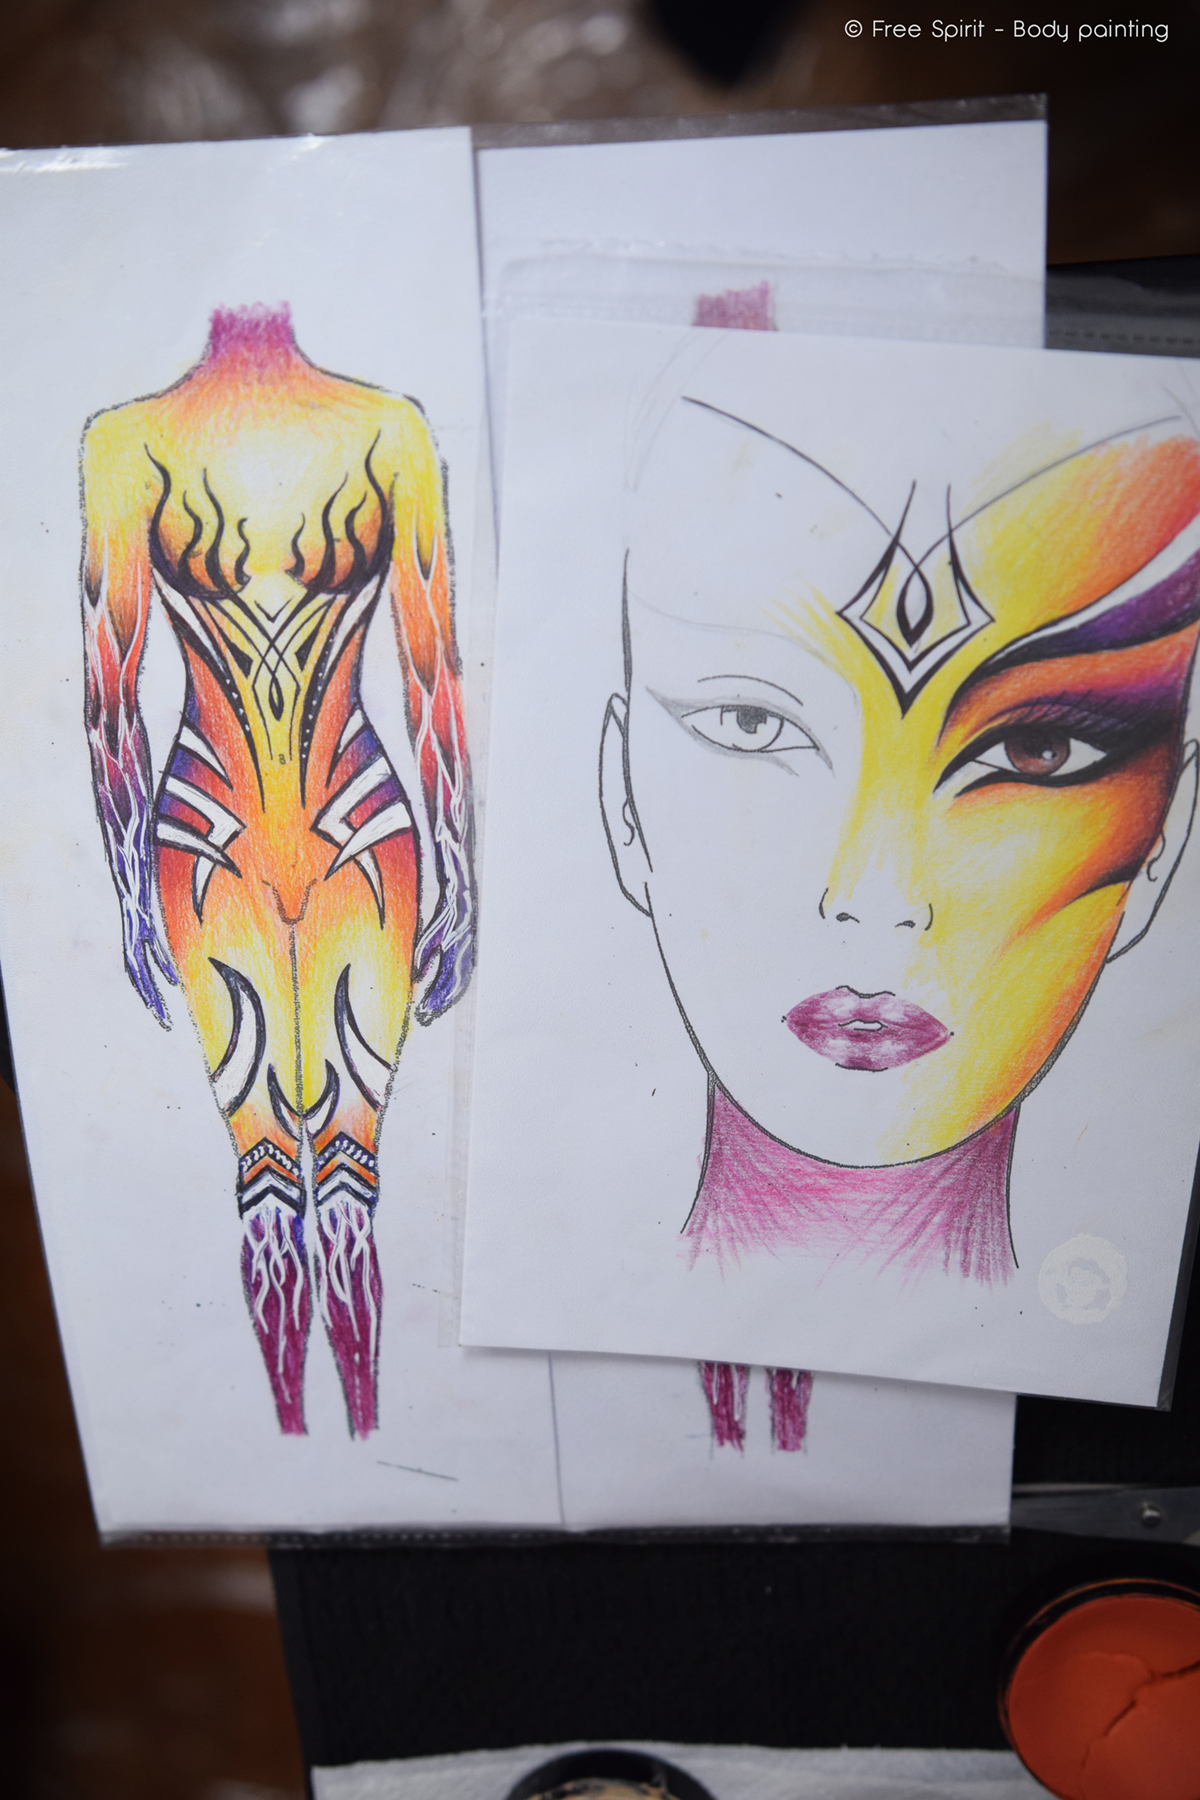 Body painting par Free Spirit corps entier maquillage artistique enfants adultes